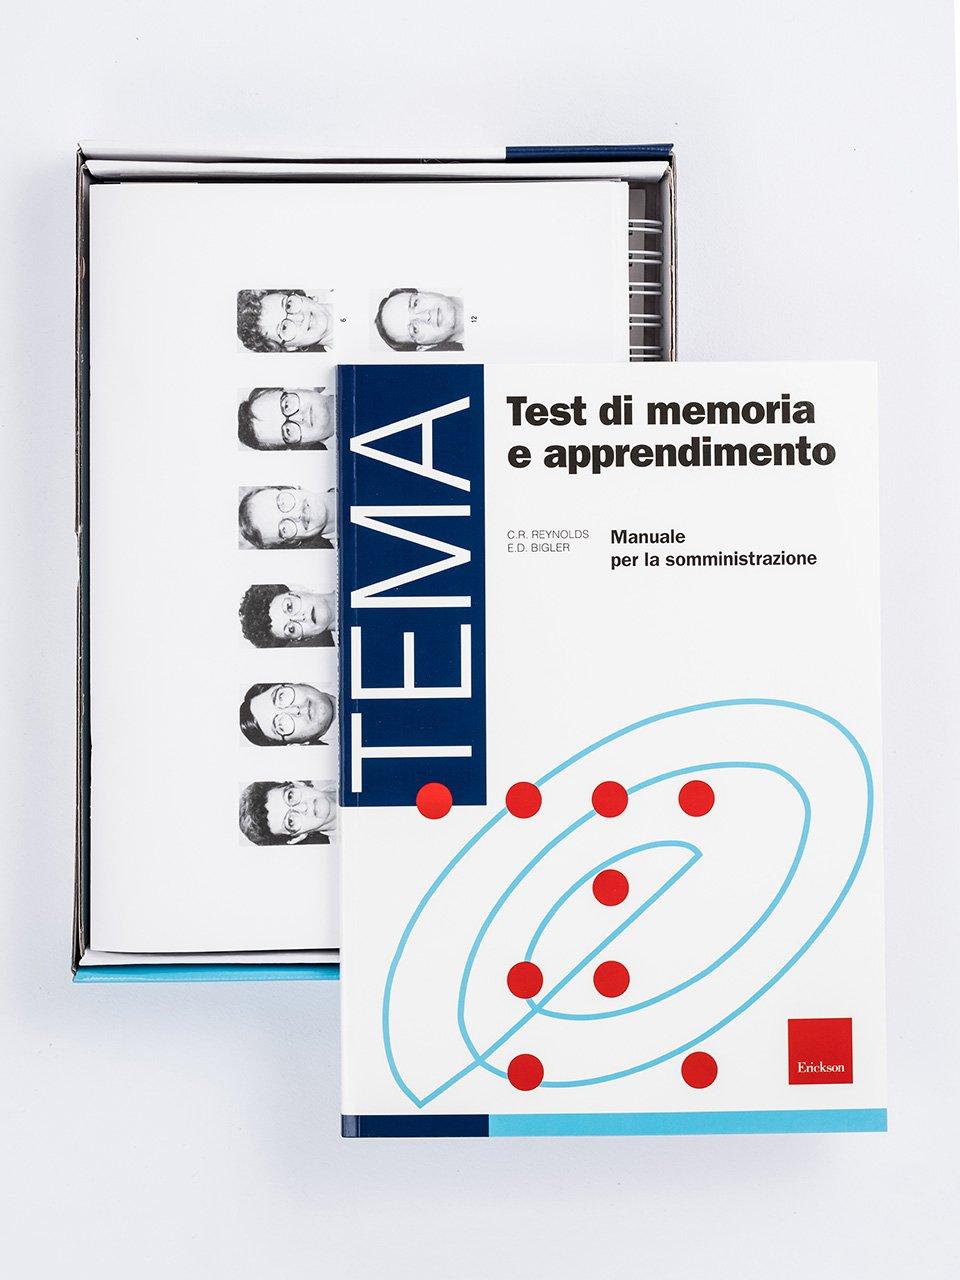 Test TEMA - Memoria e apprendimento - Libri - Strumenti - Erickson 2